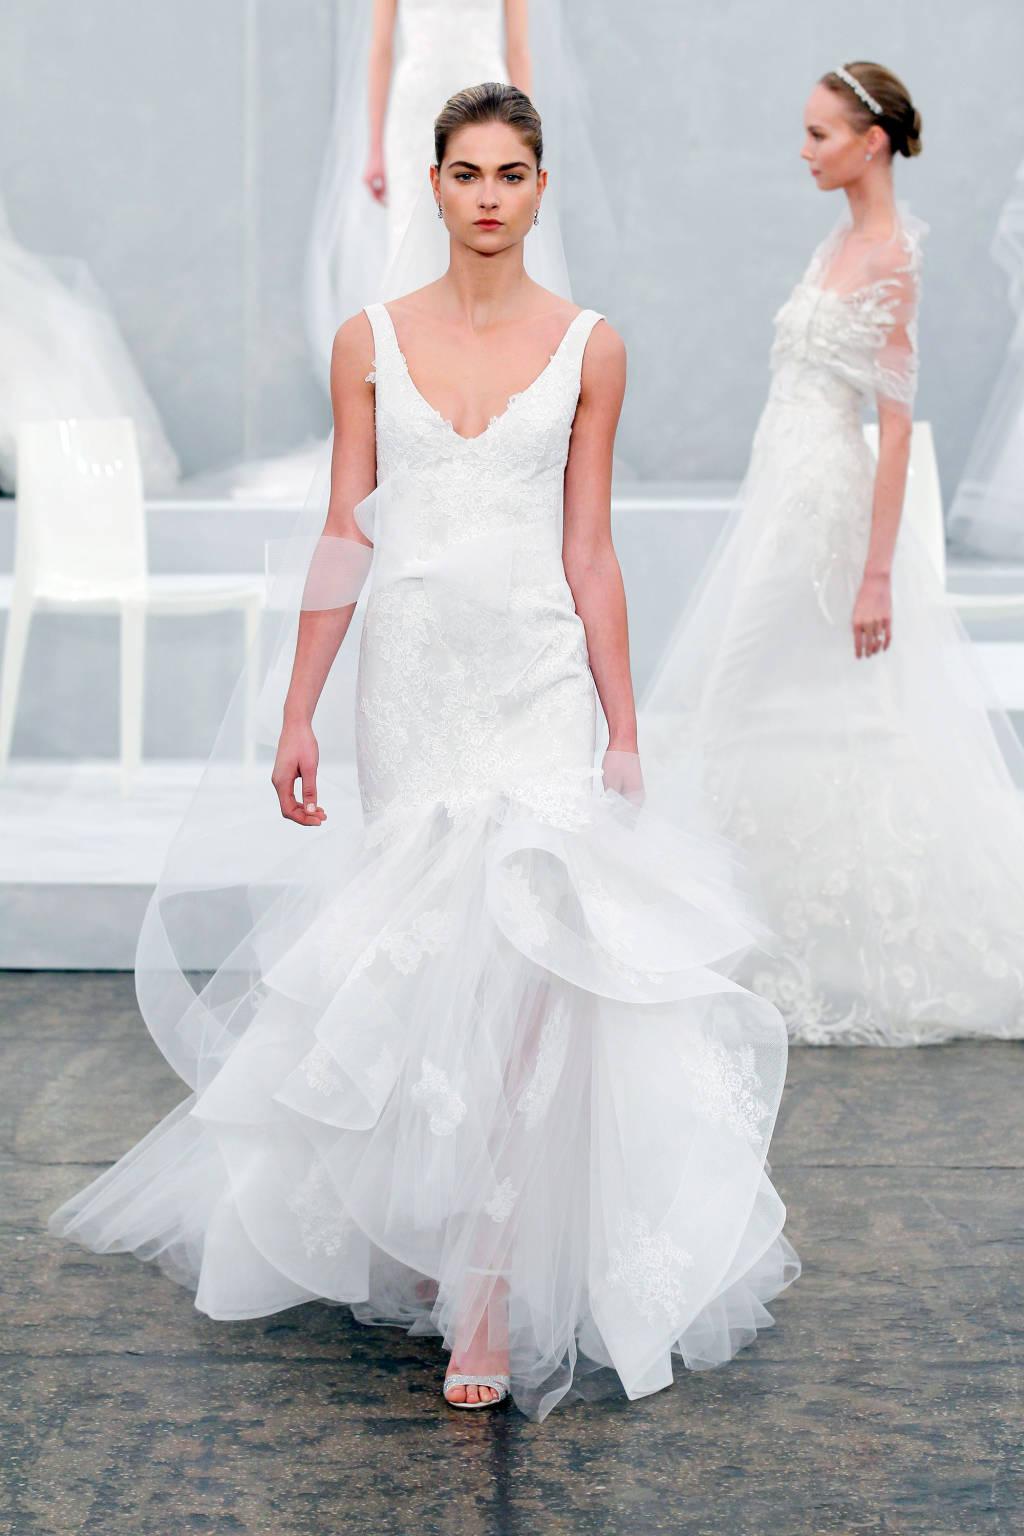 Với chiếc đầm này thì đó là phần vạt cầu kỳ. Sự cầu kỳ luôn là bí quyết để các cô dâu trở nên lộng lẫy và tỏa sáng.